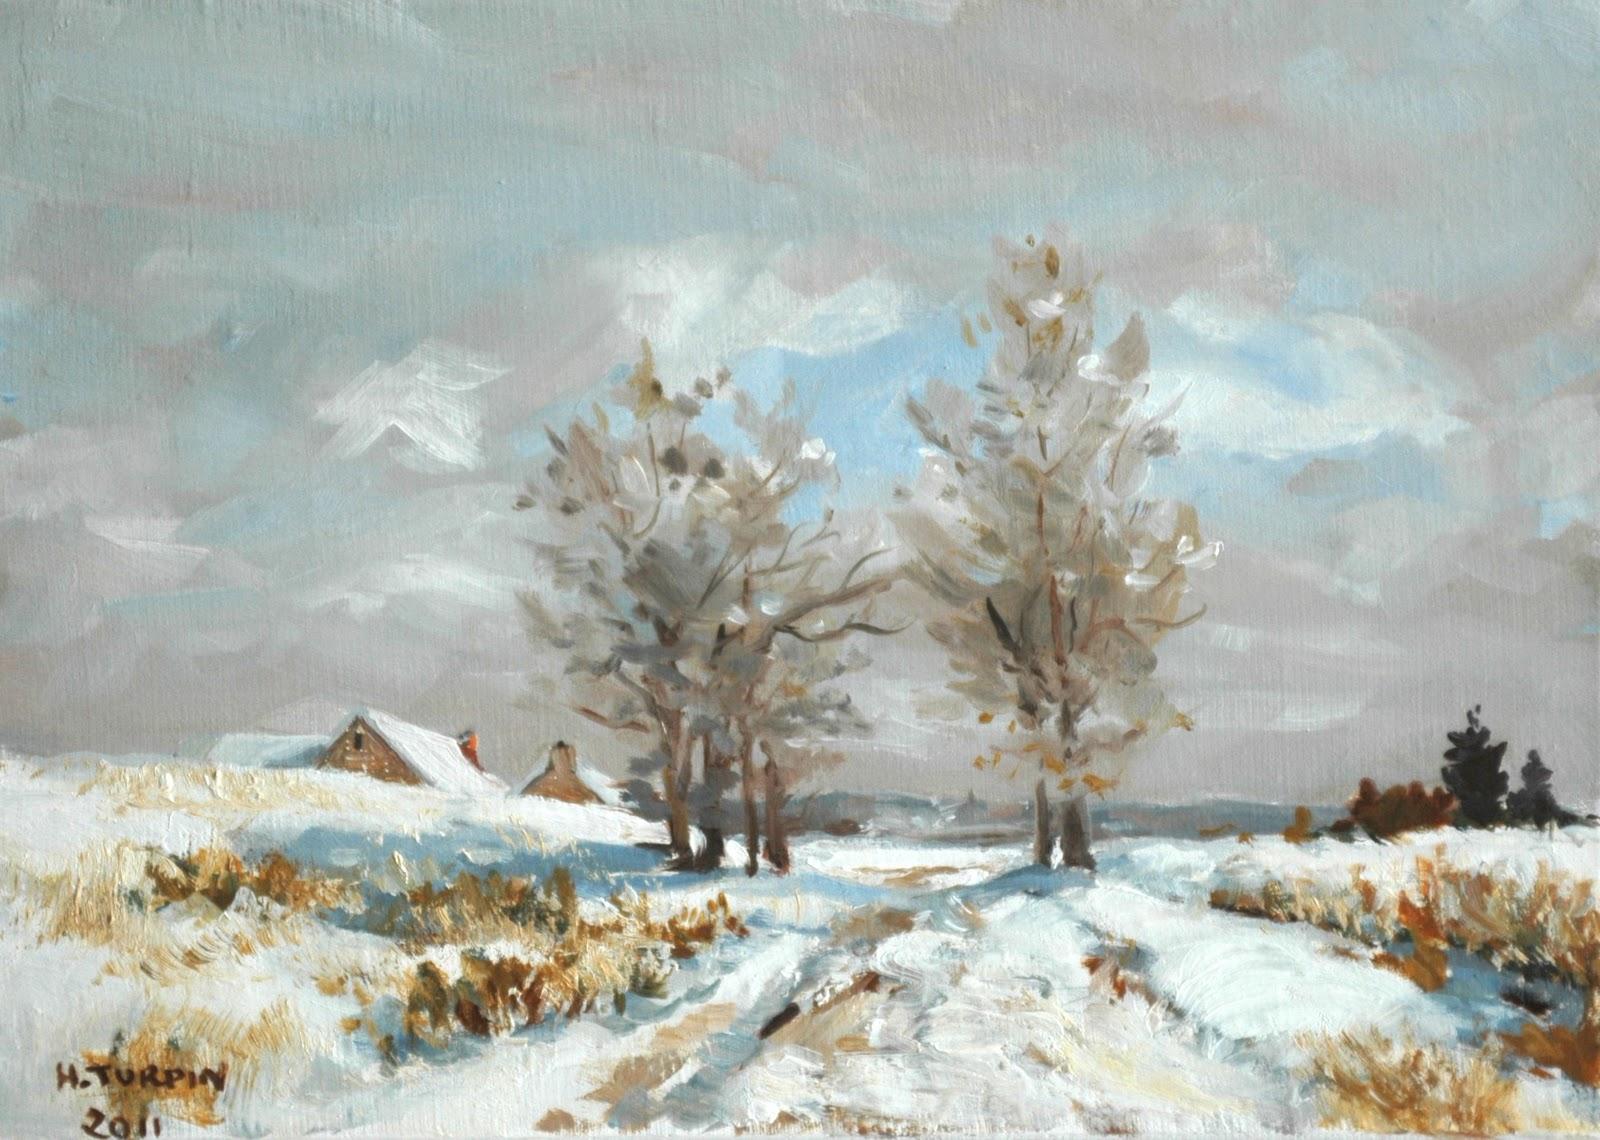 Herv turpin la neige barbizon huile sur toile 27x19 3p for Barbizon peintre